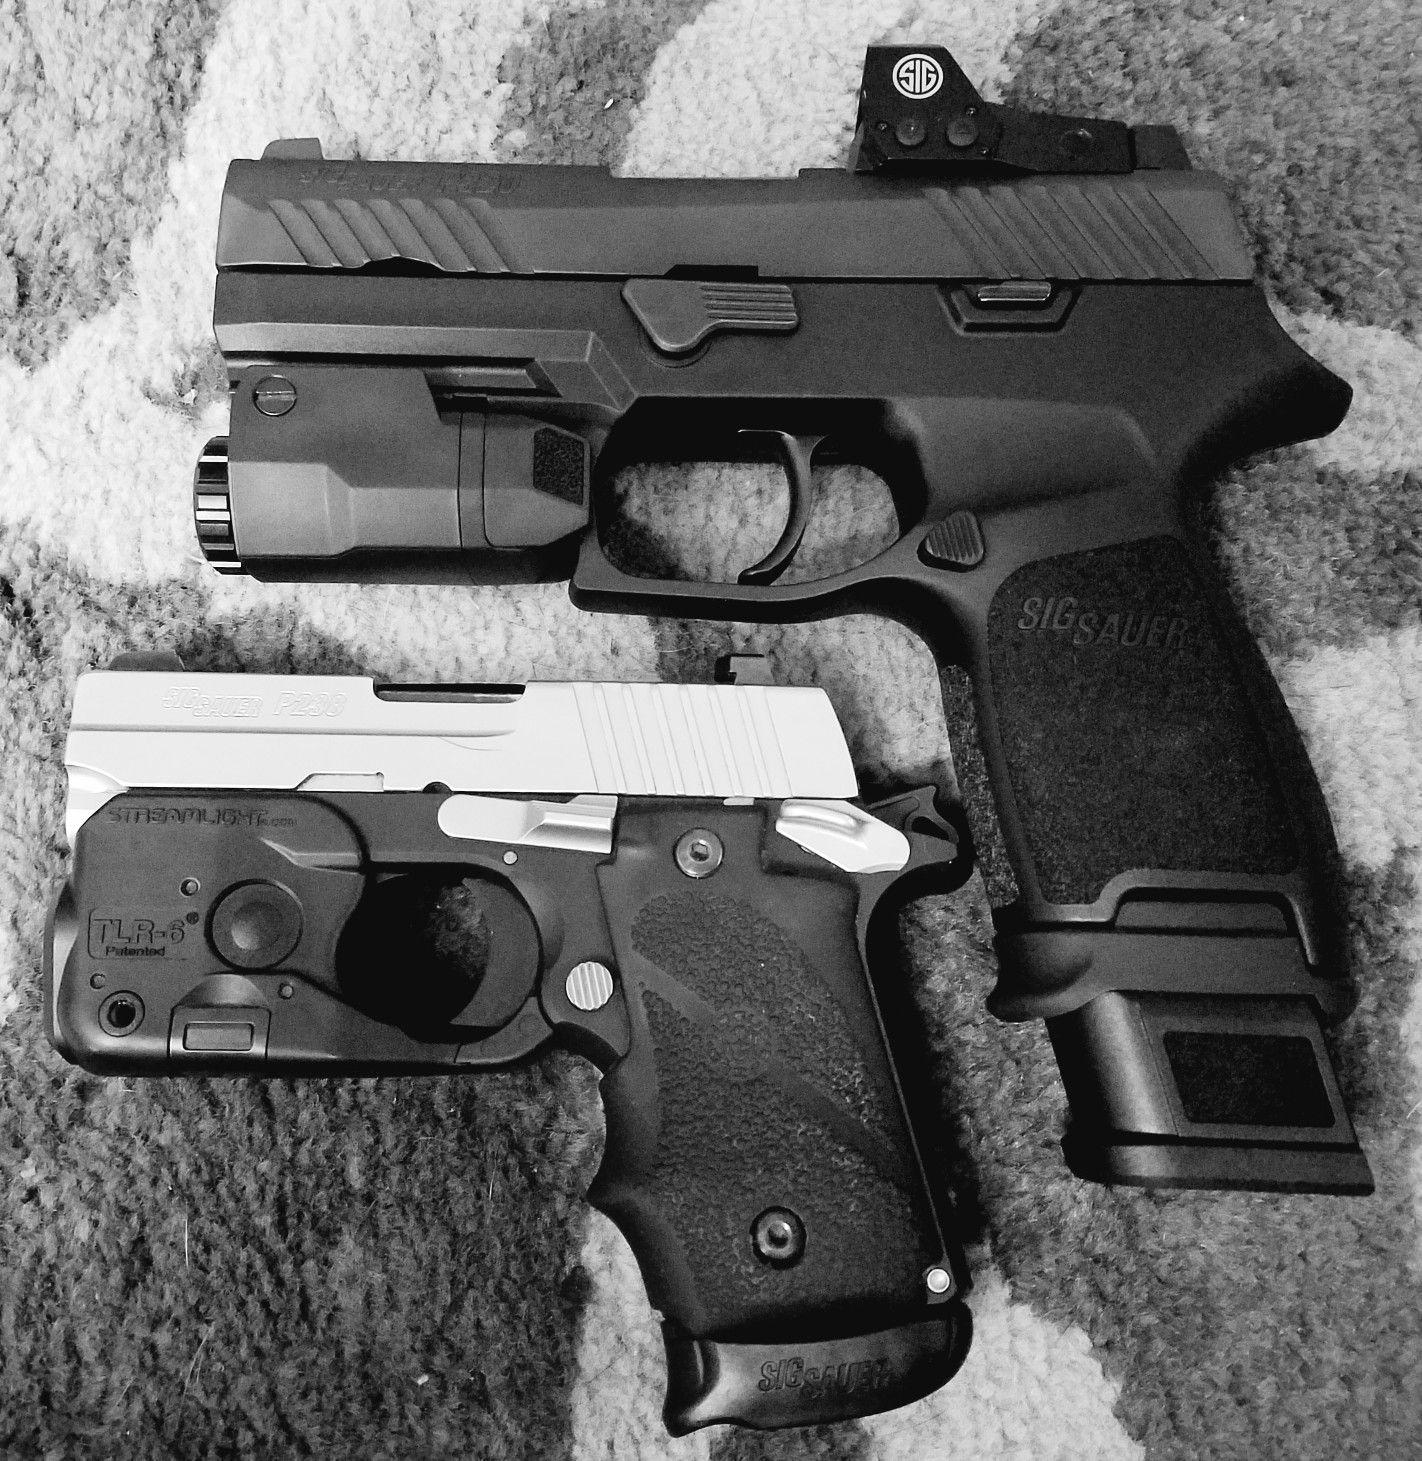 Sig p320 rx compact and sig p238 | Guns | Guns, Weapons